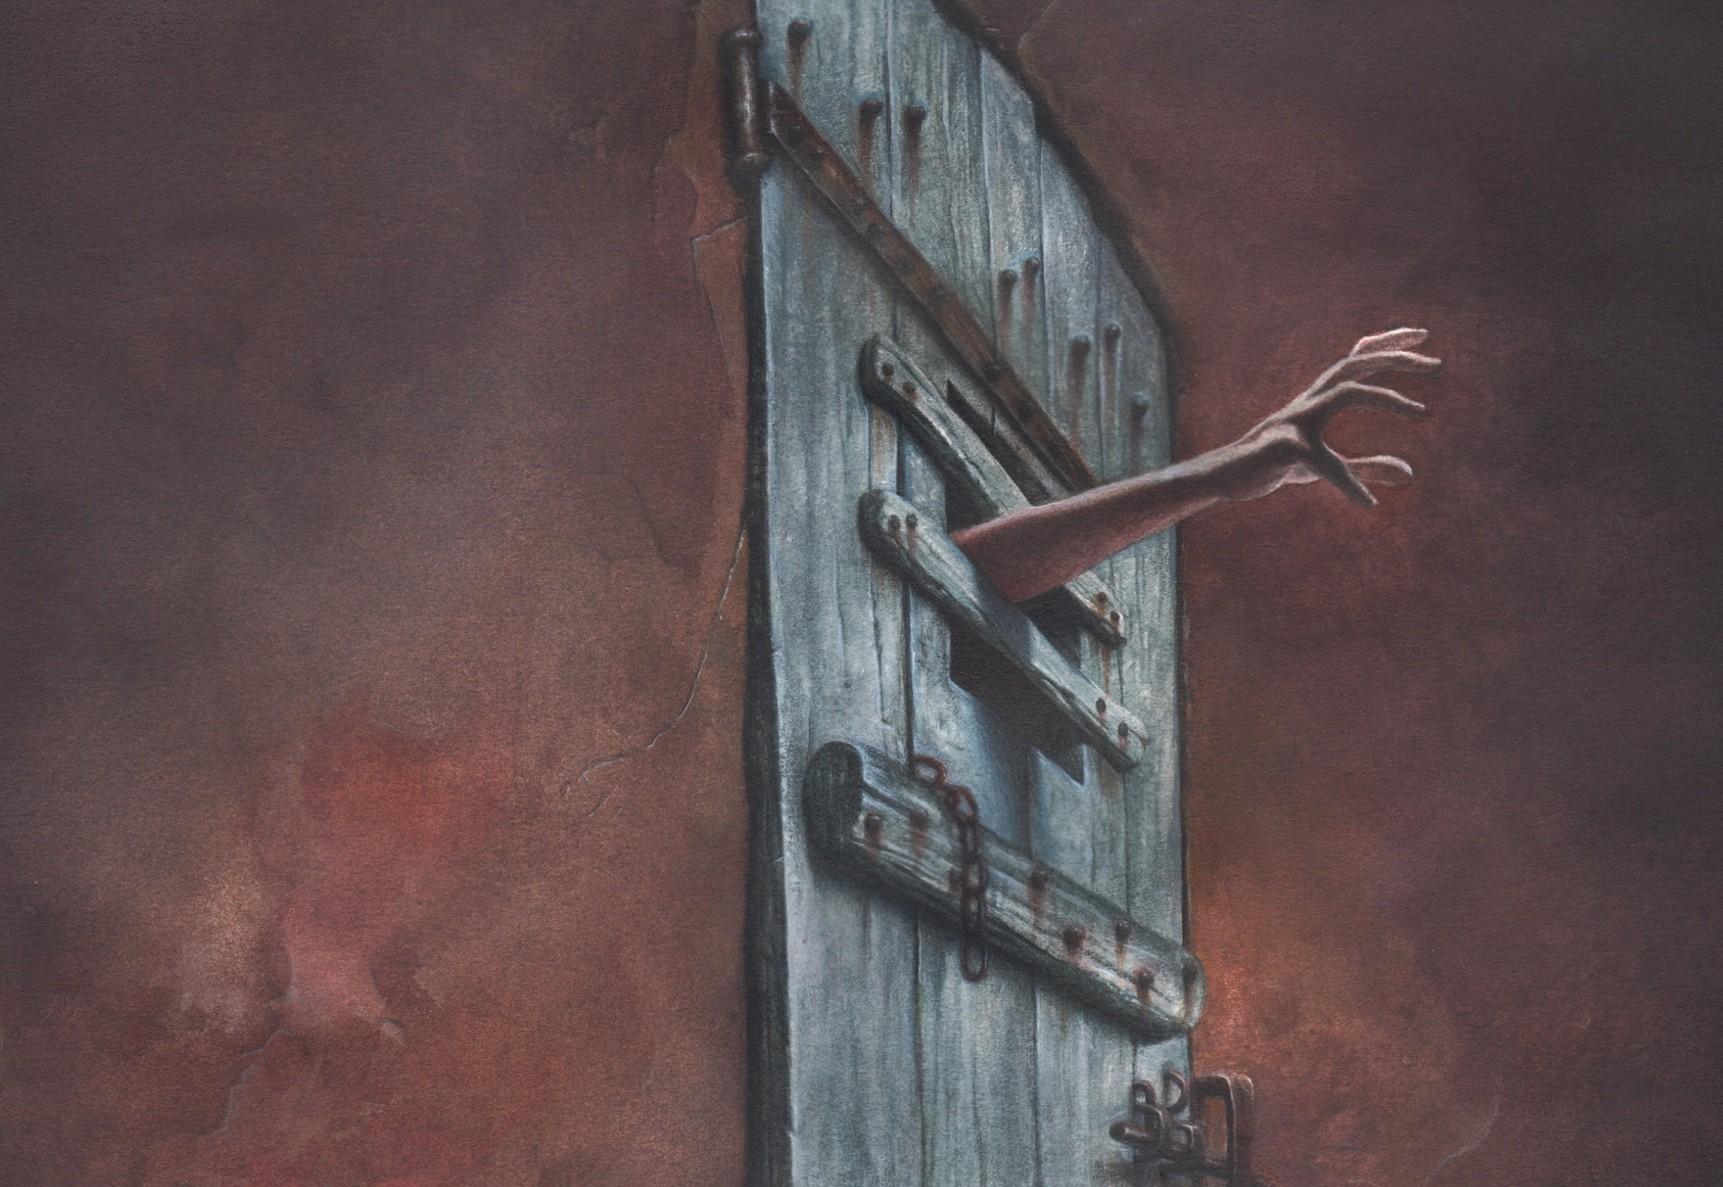 La porte au ciel t.2 - Extrait